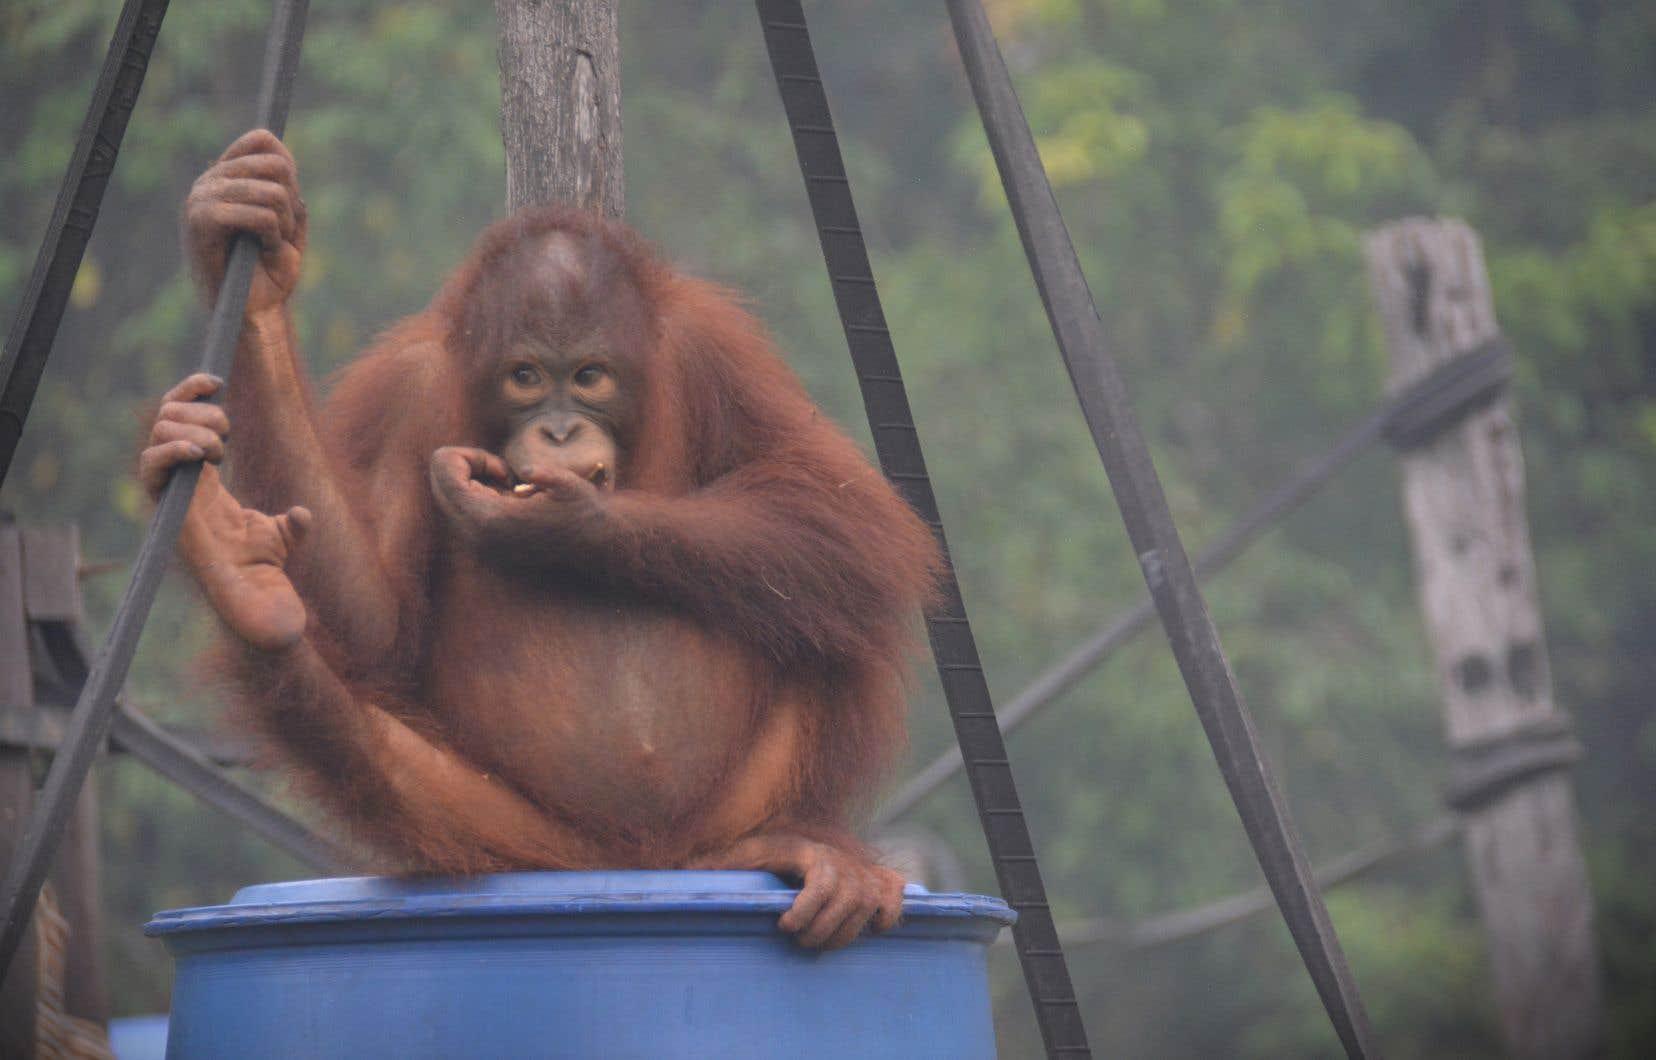 La fumée menace aussi la santé de plusieurs centaines de primates des centres de soin de la fondation Borneo Orangutan Survival (BOS).